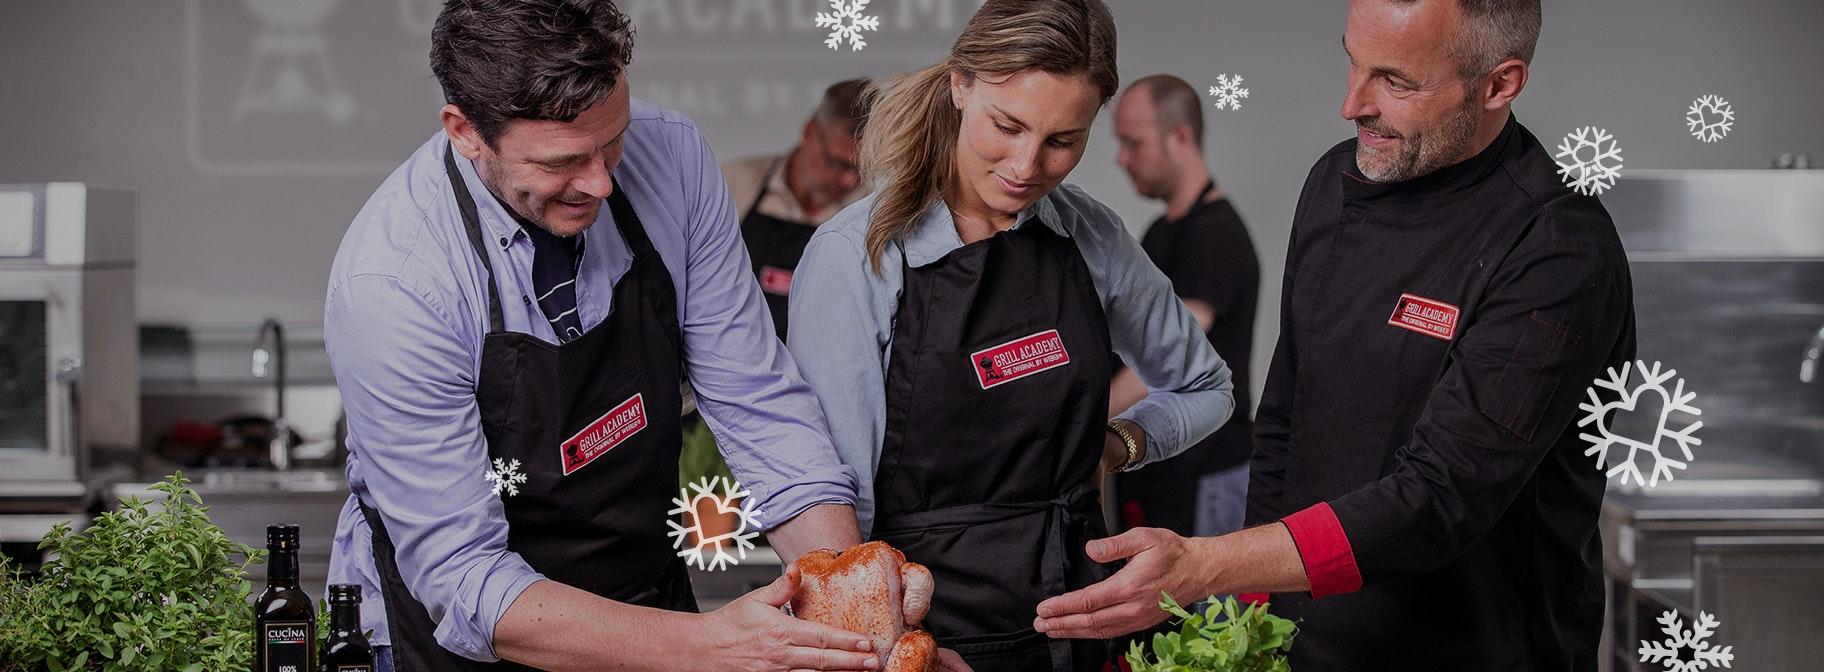 Nú €30 korting<BR>op een Grill Academy<BR>BBQ workshop!